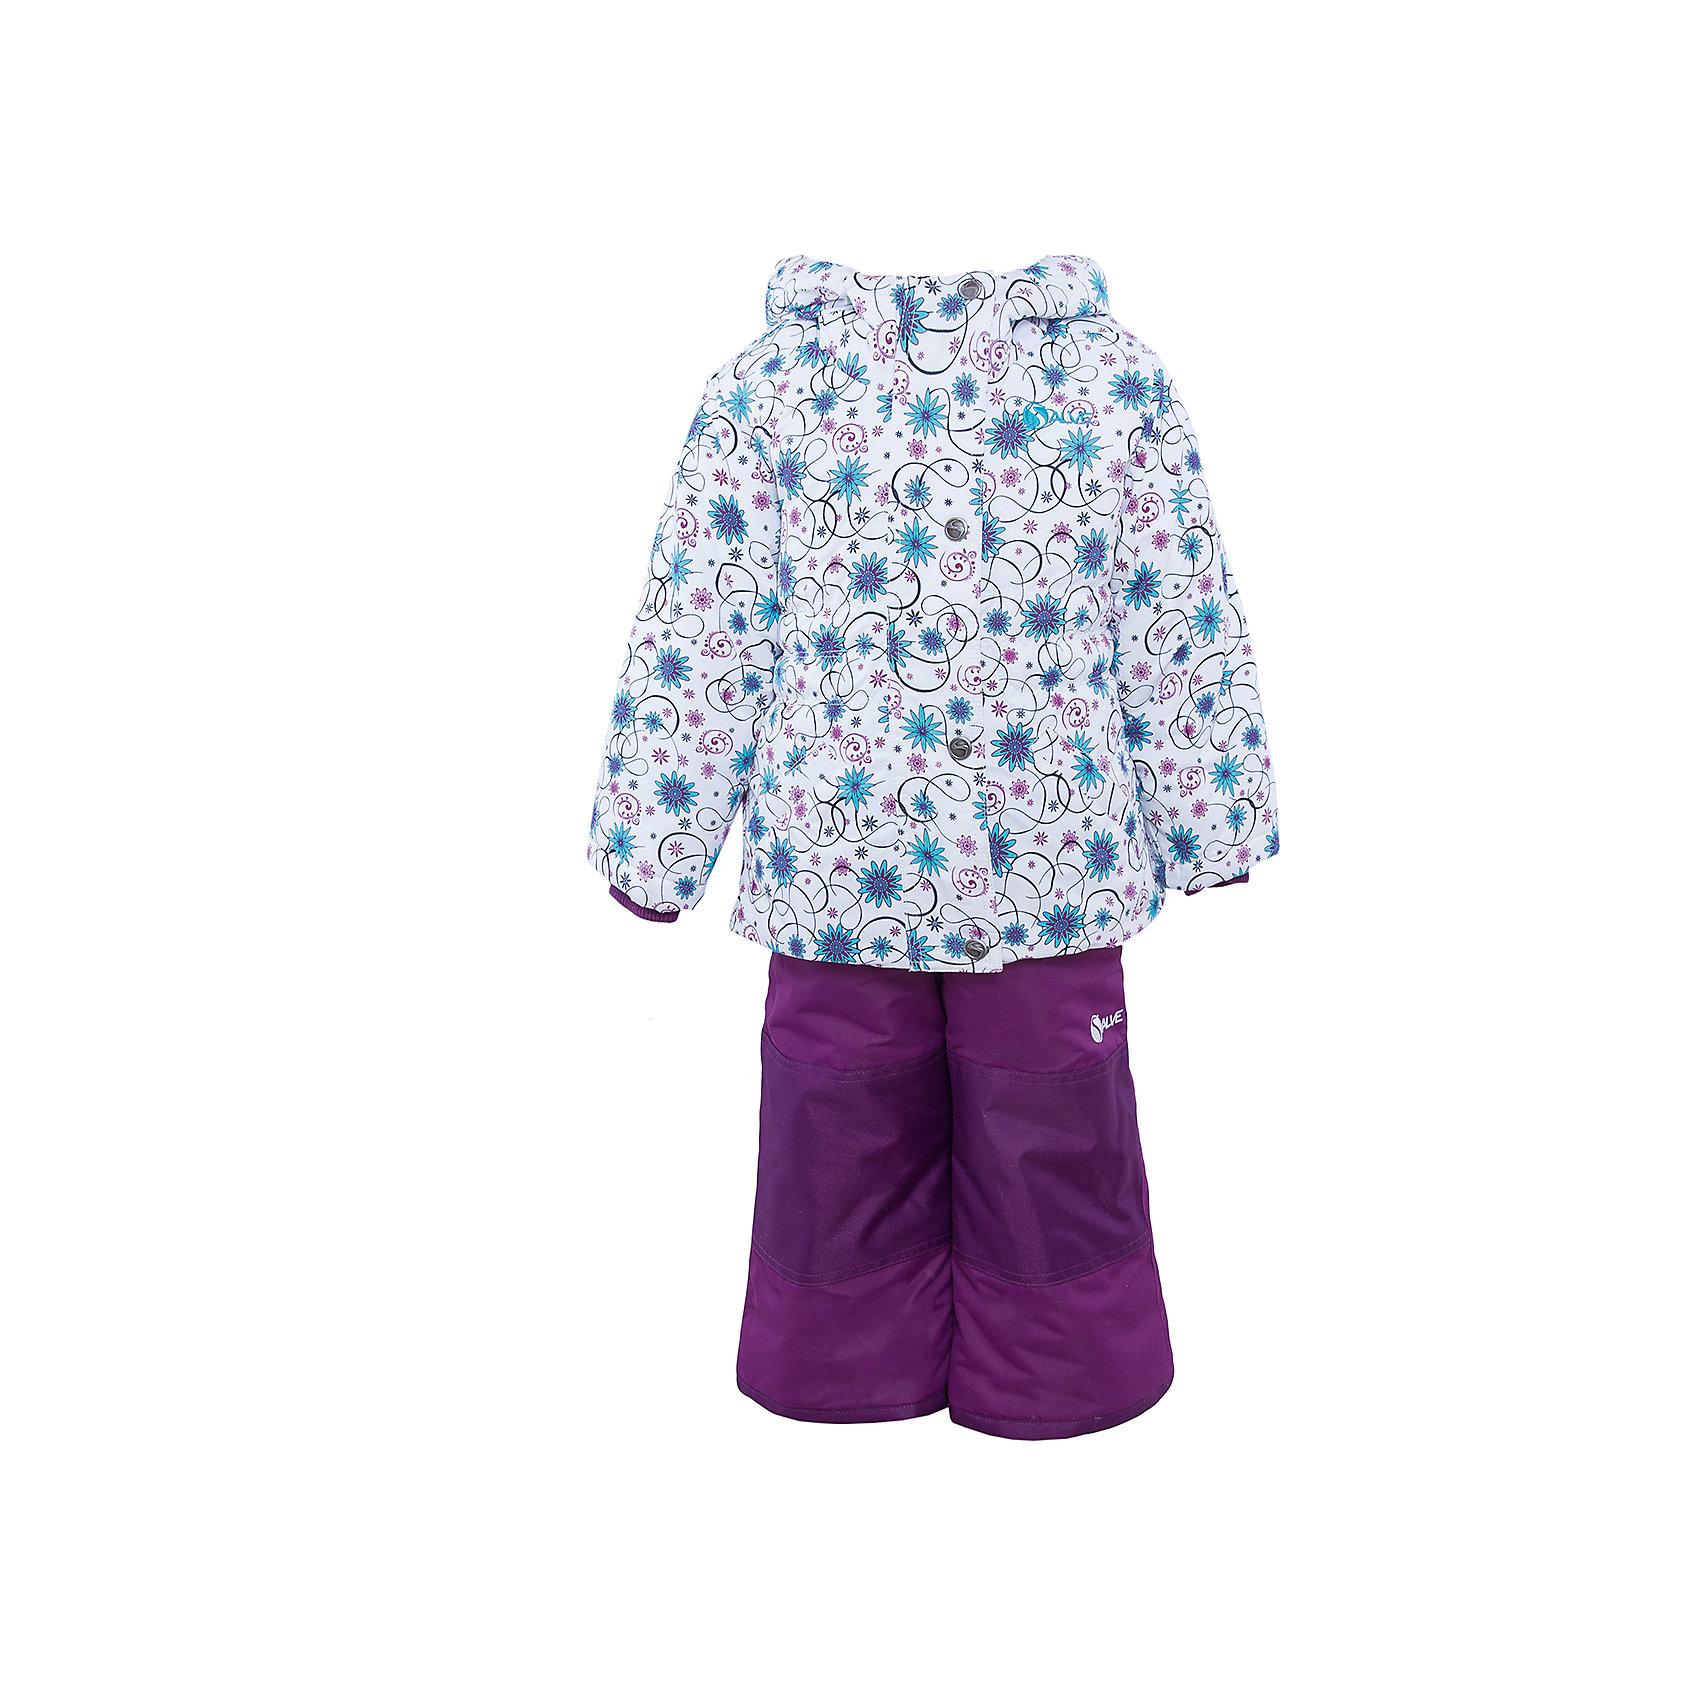 Комплект: куртка и полукомбинезон для девочки SalveХарактеристики:<br><br>• Сезон: зима<br>• Степень утепления: высокая (куртка – 330 гр/м.кв.; полукомбинезон – 200 гр/м.кв.)<br>• Температурный режим*: от 0 до -30 градусов<br>• Пол: для девочки<br>• Цвет: фиолетовый, белый, голубой<br>• Материал: полиэстер 100%<br>• Комплектация: куртка, полукомбинезон<br>• Наличие снегозащитной юбки<br>• Тип застежки: молния, кнопки<br>• Манжеты на куртке: эластичные, трикотажные<br>• Капюшон: не отстегивается<br>• Регулируемые лямки у полукомбинезона<br>• Уход: допускается стирка без чистящих и отбеливающих средств<br><br>Бренд Salve разработан и произведён канадской компанией Gusti International специально для российского рынка.<br><br>Комплект: куртка и полукомбинезон для девочки Salve предназначен для прогулок в самое холодное время года. Изделие обеспечено высокой степенью утепления. Верхняя часть комплекта выполнена из полиэстера, который обладает ветрозащитными и влагонепропускаемыми свойствами. Подклад на куртке выполнен из флиса. Для обеспечения поддержания микроклимата имеются эластичные трикотажных манжеты на рукавах куртки и резинки на брюках. Изделие выполнено из прочной ткани, имеется усиление на коленях, по низу полукомбинезона и сзади. Крой комплекта выполнен с учетом повышенной подвижности ребенка во время зимних прогулок: расширенные брючины не сковывают движений. <br>Комплект: куртка и полукомбинезон для девочки Salve выполнен в стильном дизайне: куртка с узором из цветочных элементов и полукомбинезон в классическом темном цвете.<br><br>* Температурный режим указан приблизительно — необходимо, прежде всего, ориентироваться на индивидуальные ощущения ребенка. Указанный температурный режим предполагает соблюдения многослойности – использования флисовой поддевы и термобелья.<br><br>Комплект: куртку и полукомбинезон для девочки Salve можно купить в нашем интернет-магазине.<br><br>Ширина мм: 356<br>Глубина мм: 10<br>Высота мм: 245<br>Вес г: 519<br>Цвет: фиолетовый<br>